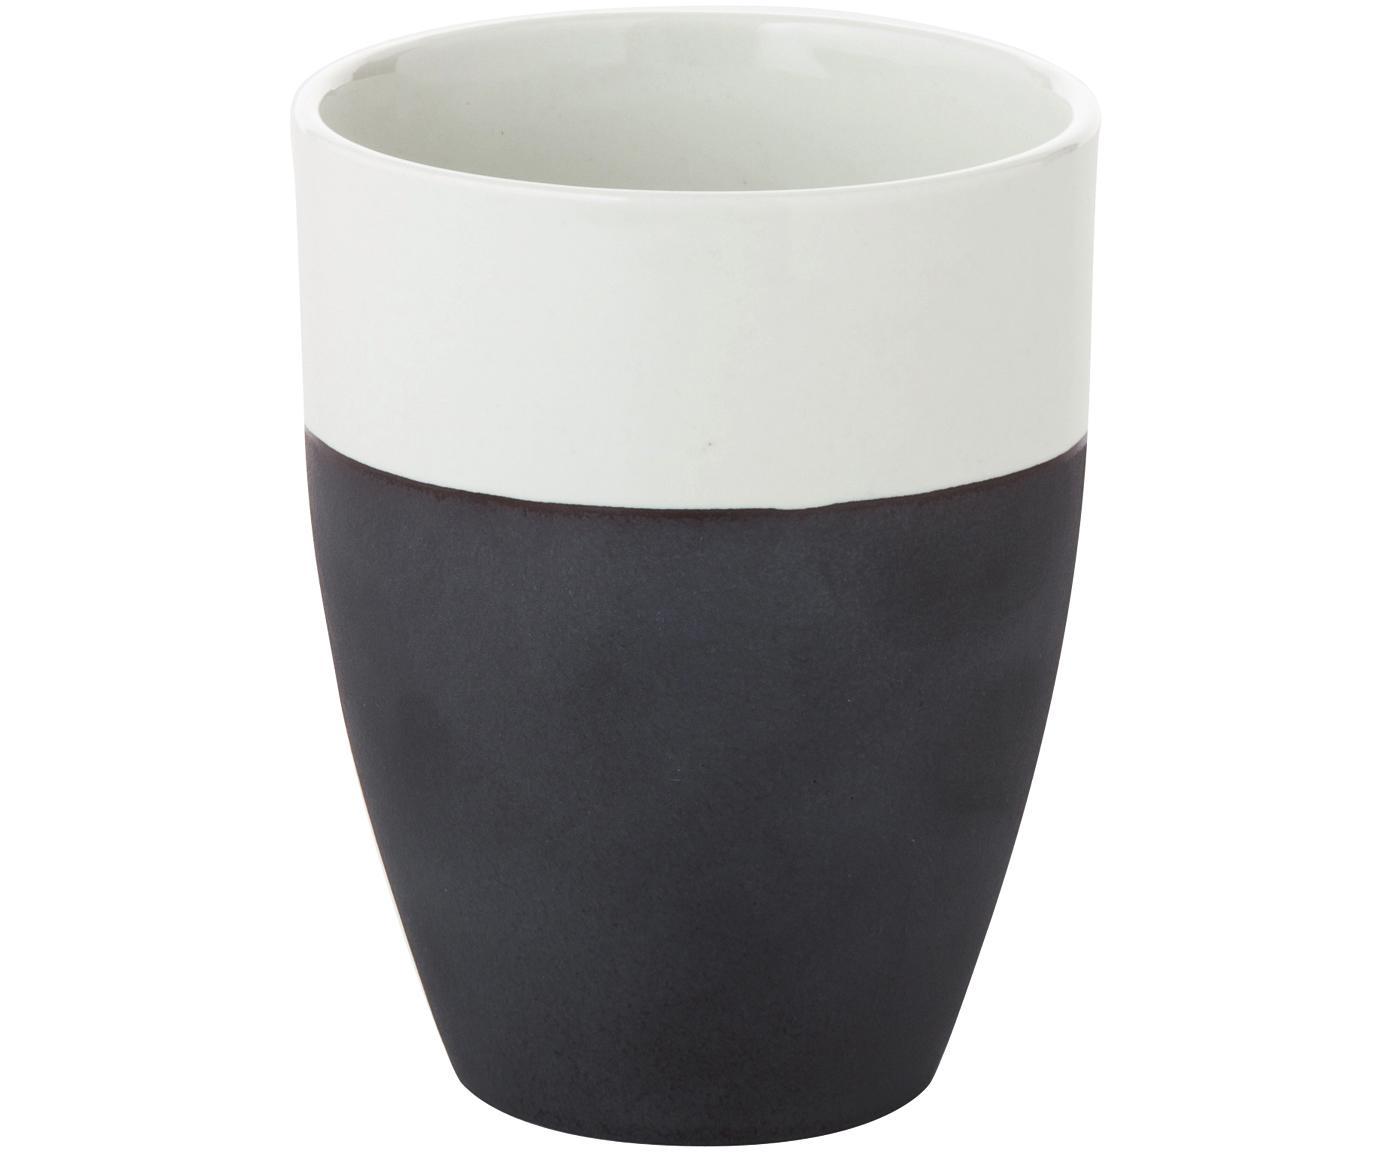 Handgemachte Becher Esrum matt/glänzend, 4 Stück, Unten: Steingut, naturbelassen, Elfenbeinfarben, Graubraun, 250 ml